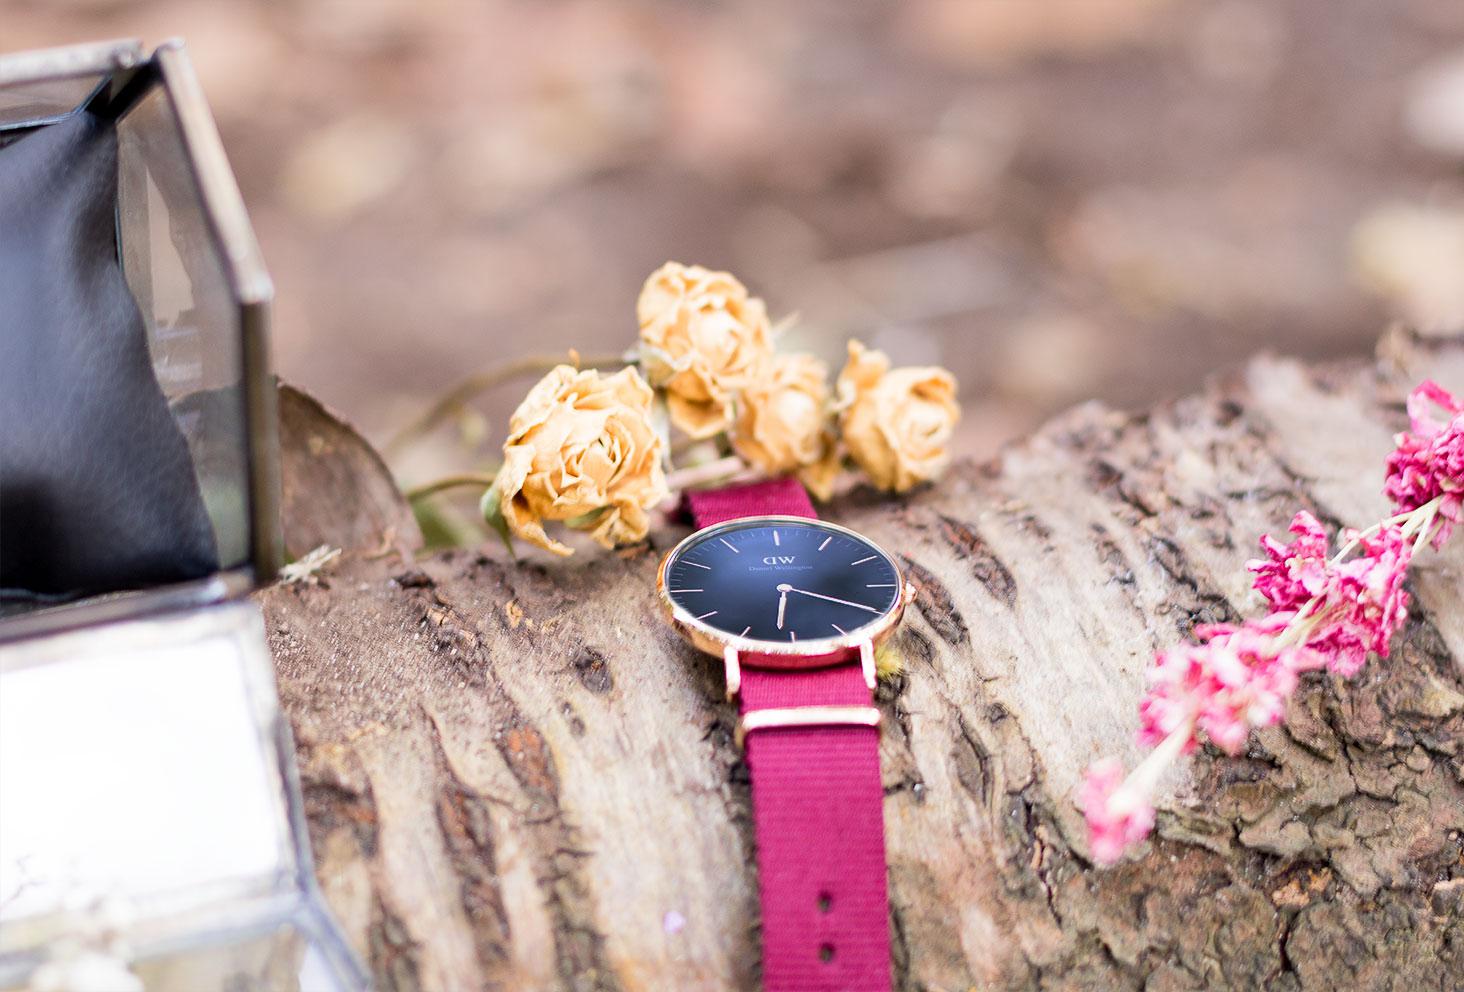 La montre Classic Black Roselyn de Daniel Wellington posée sur une souche d'arbre dans la forêt au milieu des fleurs séchées